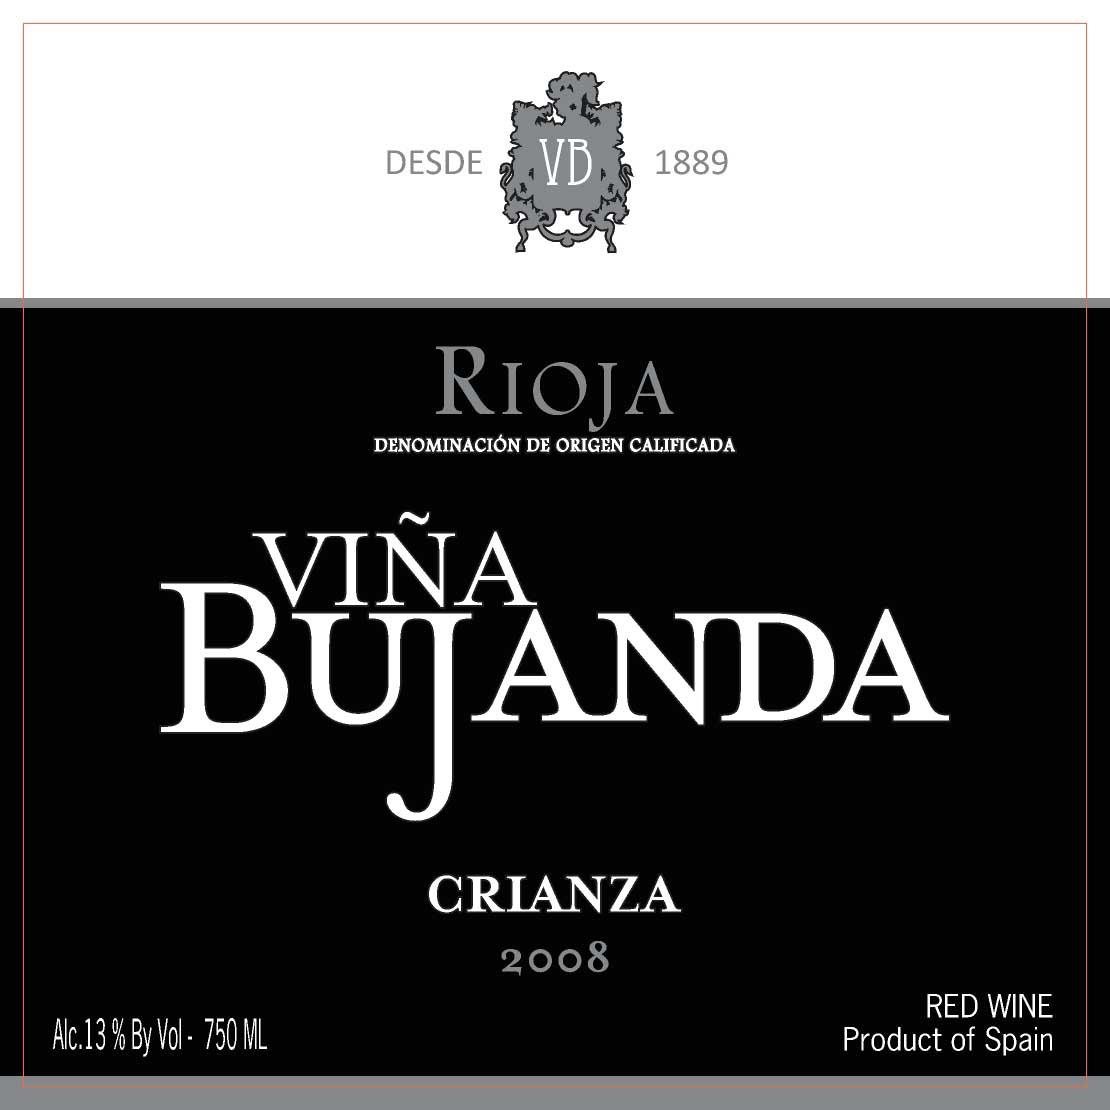 布罕达酒庄陈酿干红Vina Bujanda Crianza